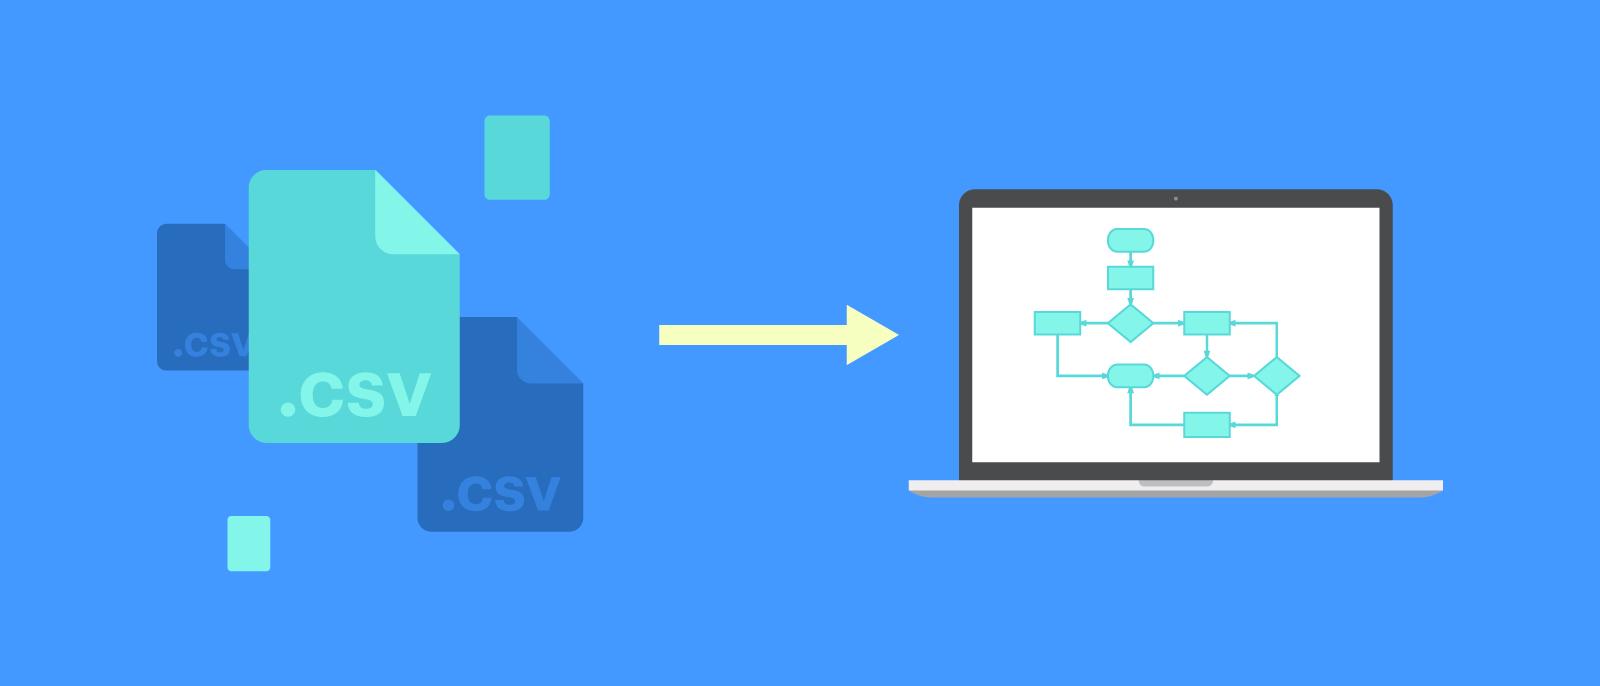 csv文件中文乱码处理方式